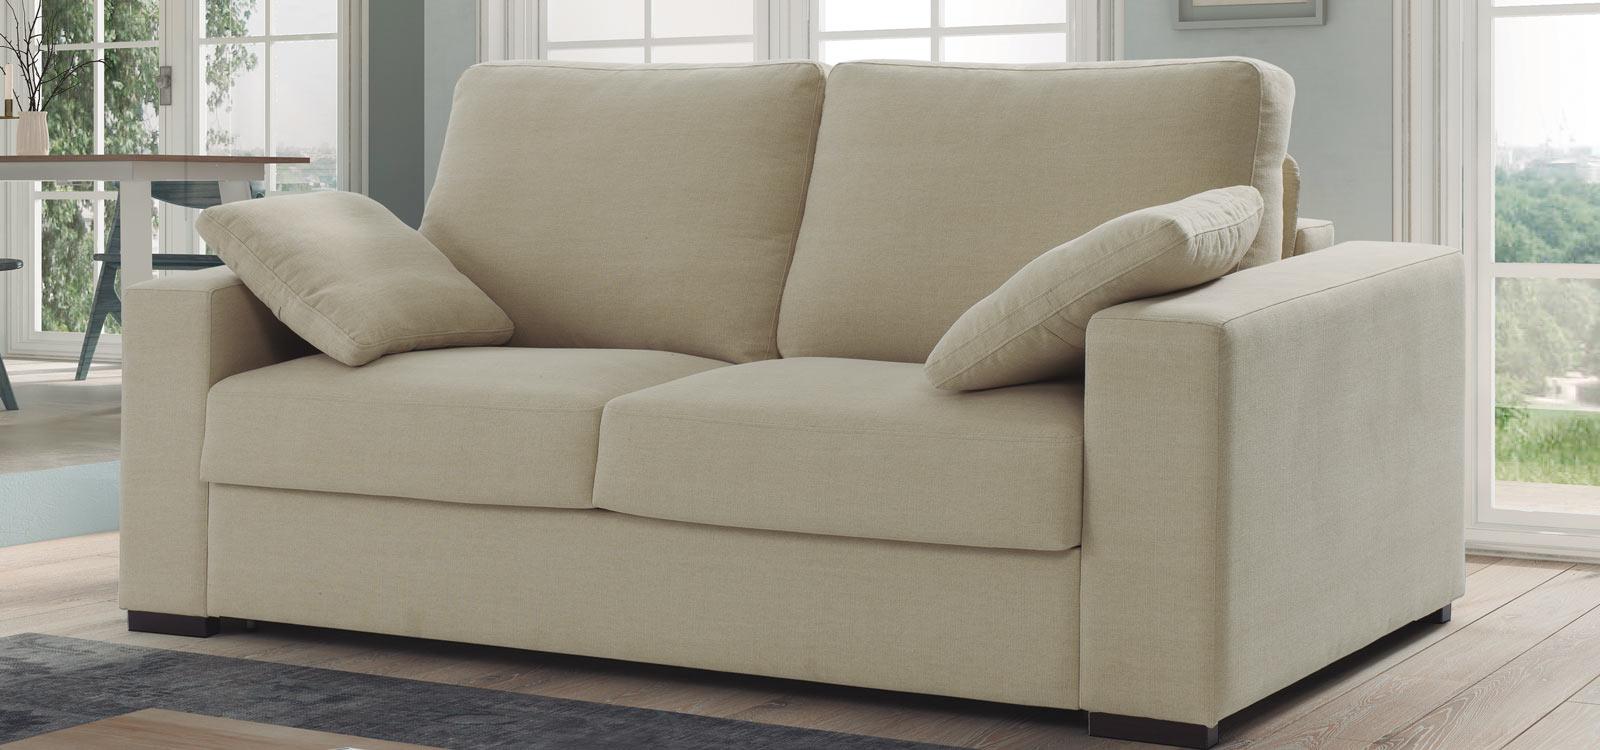 Sofás y sillones muebles Romerohogar